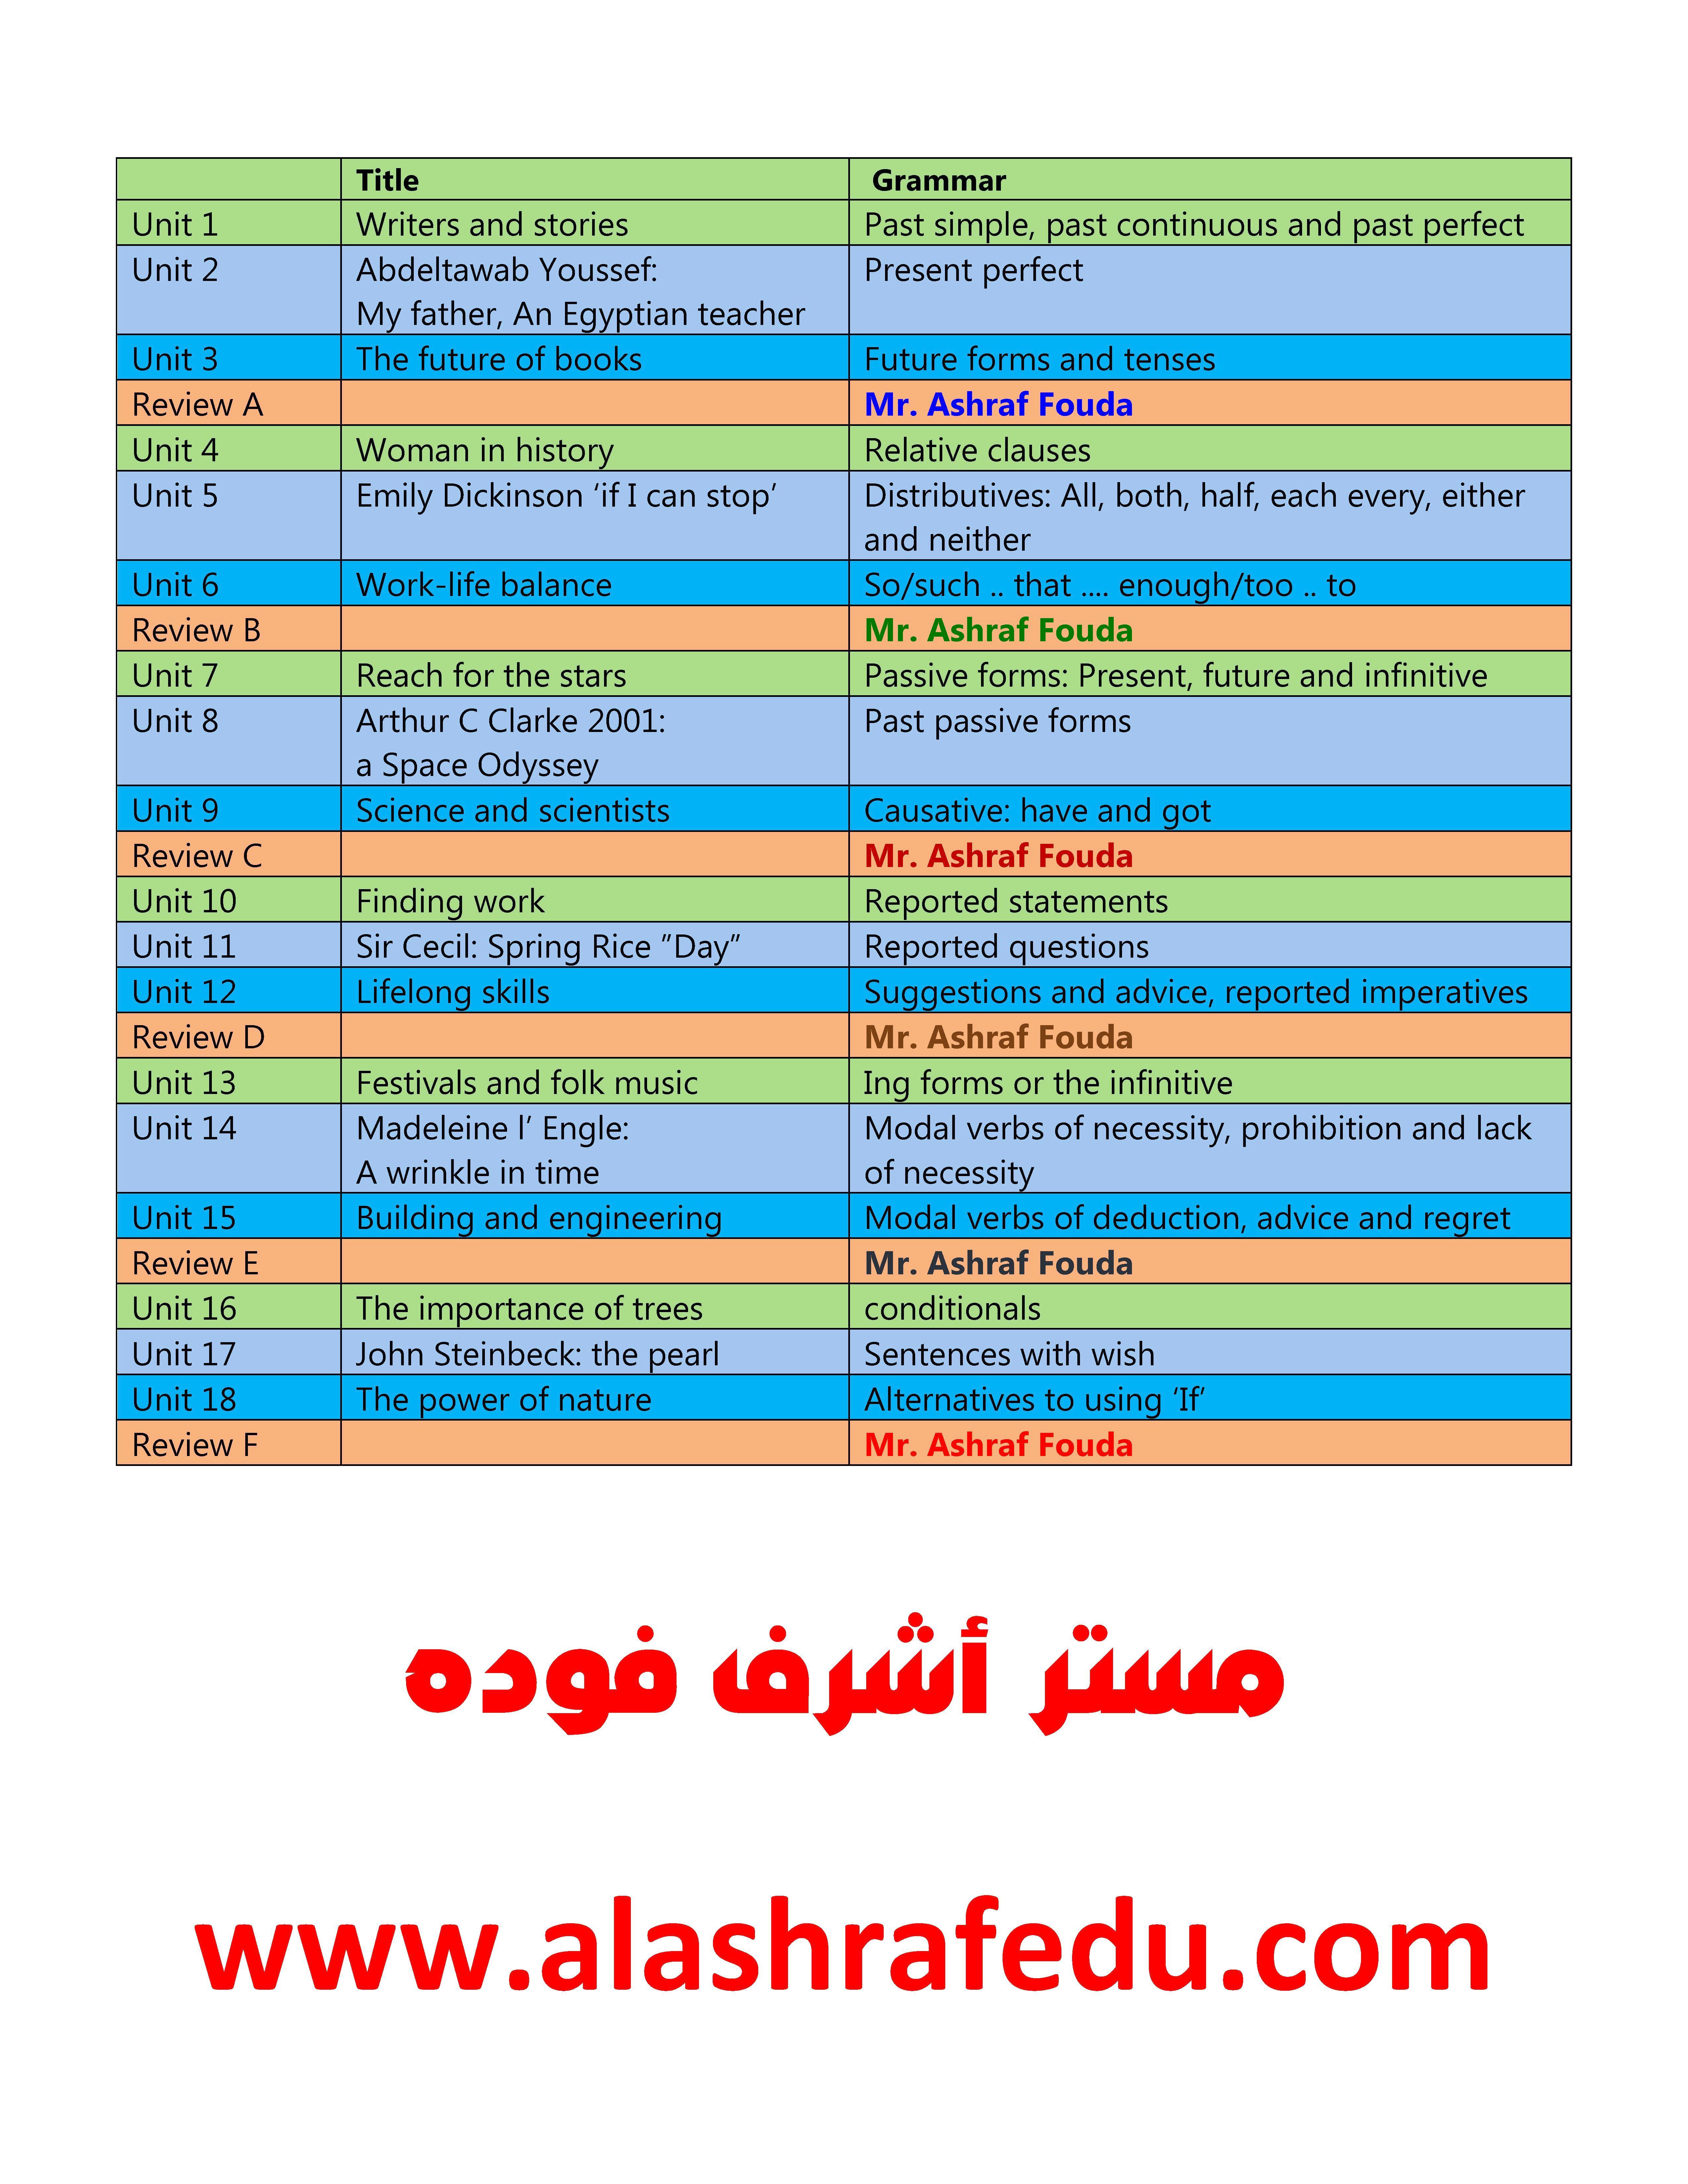 تعديلات منهج إنجليزيه قواعد وحده 2018-2019 الصف www.alashrafedu.com1